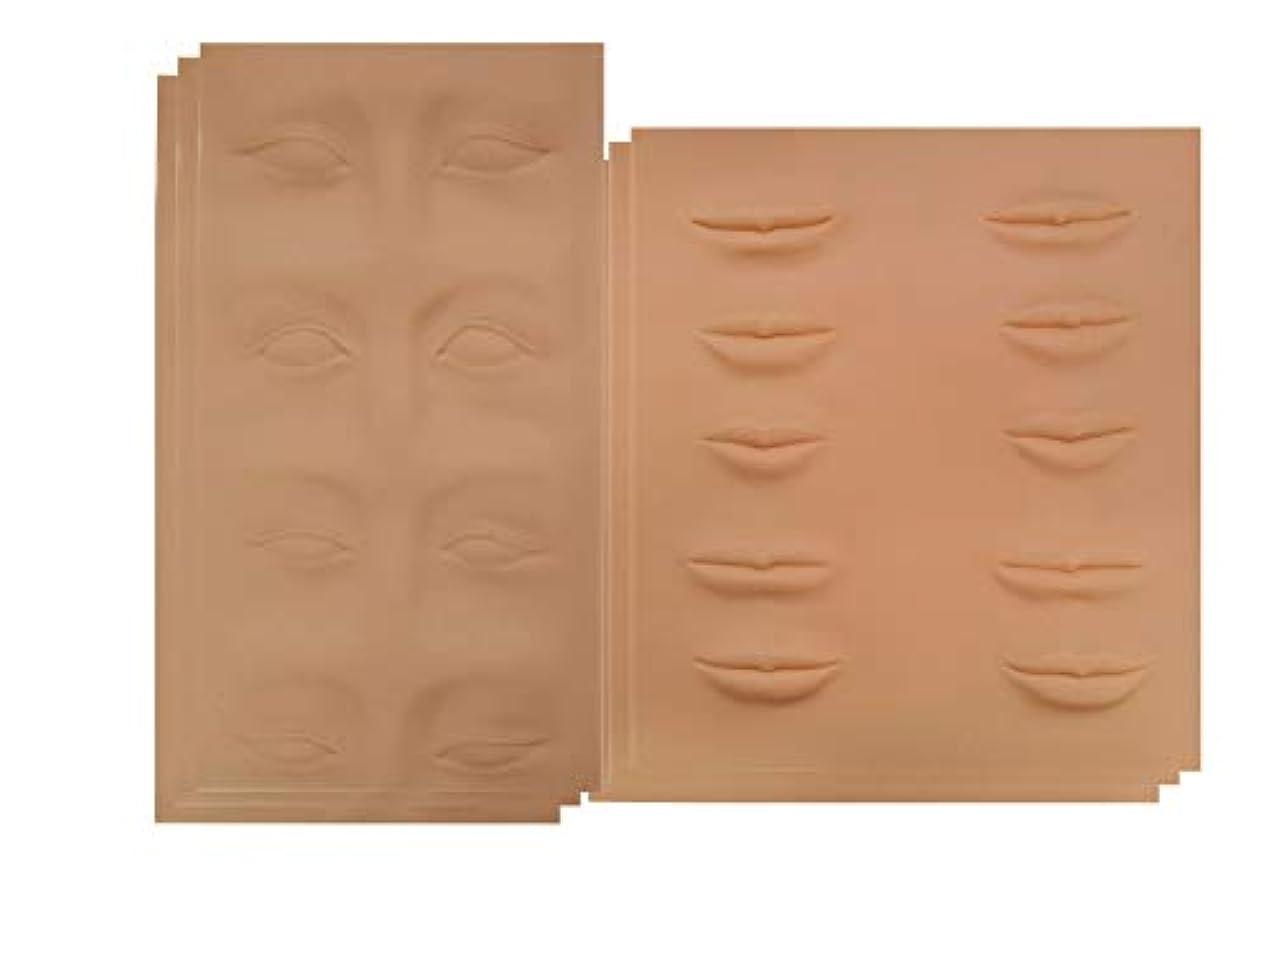 説明的純粋な最小アートメイク 入墨 タトゥ メイク 練習 シートマット 眉タトゥー リップタトゥー 練習ゴムシートアートメイク材料 眉 リップ 2種類セット (1セット~10セット) (3セット(6枚))